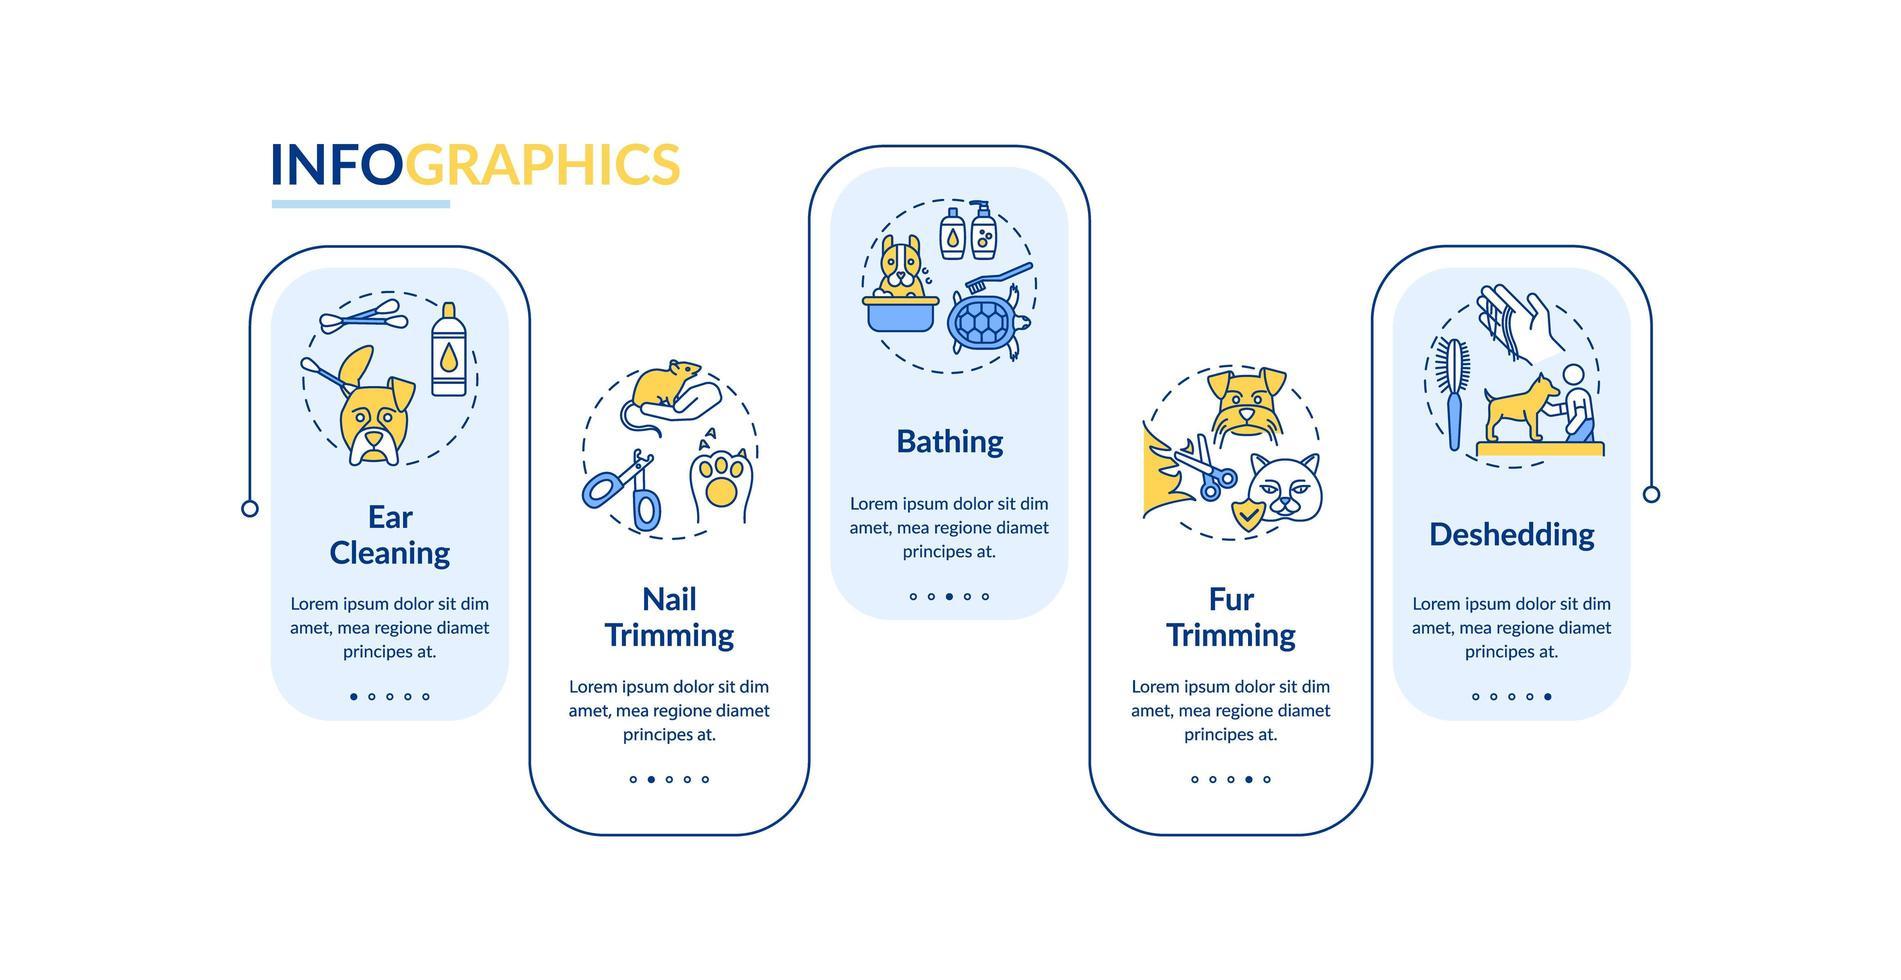 Pflegedienste, Vektor-Infografik-Vorlage vektor